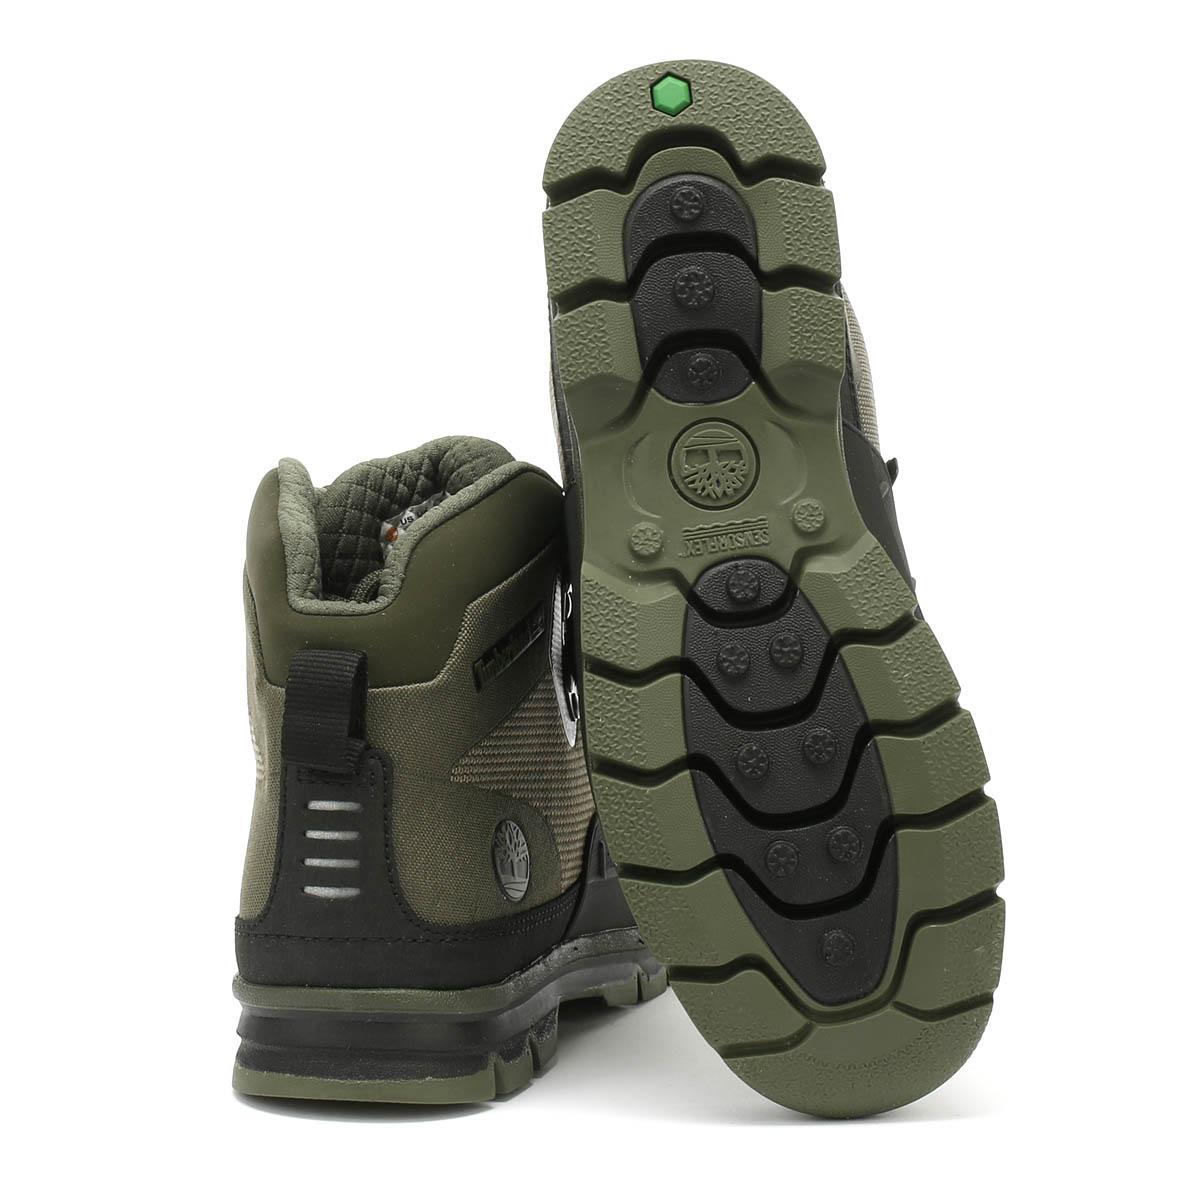 Détails sur Timberland Euro Hiker Shell Jacquard Homme Bottes Vert Hiver Chaud Chaussures De Marche afficher le titre d'origine